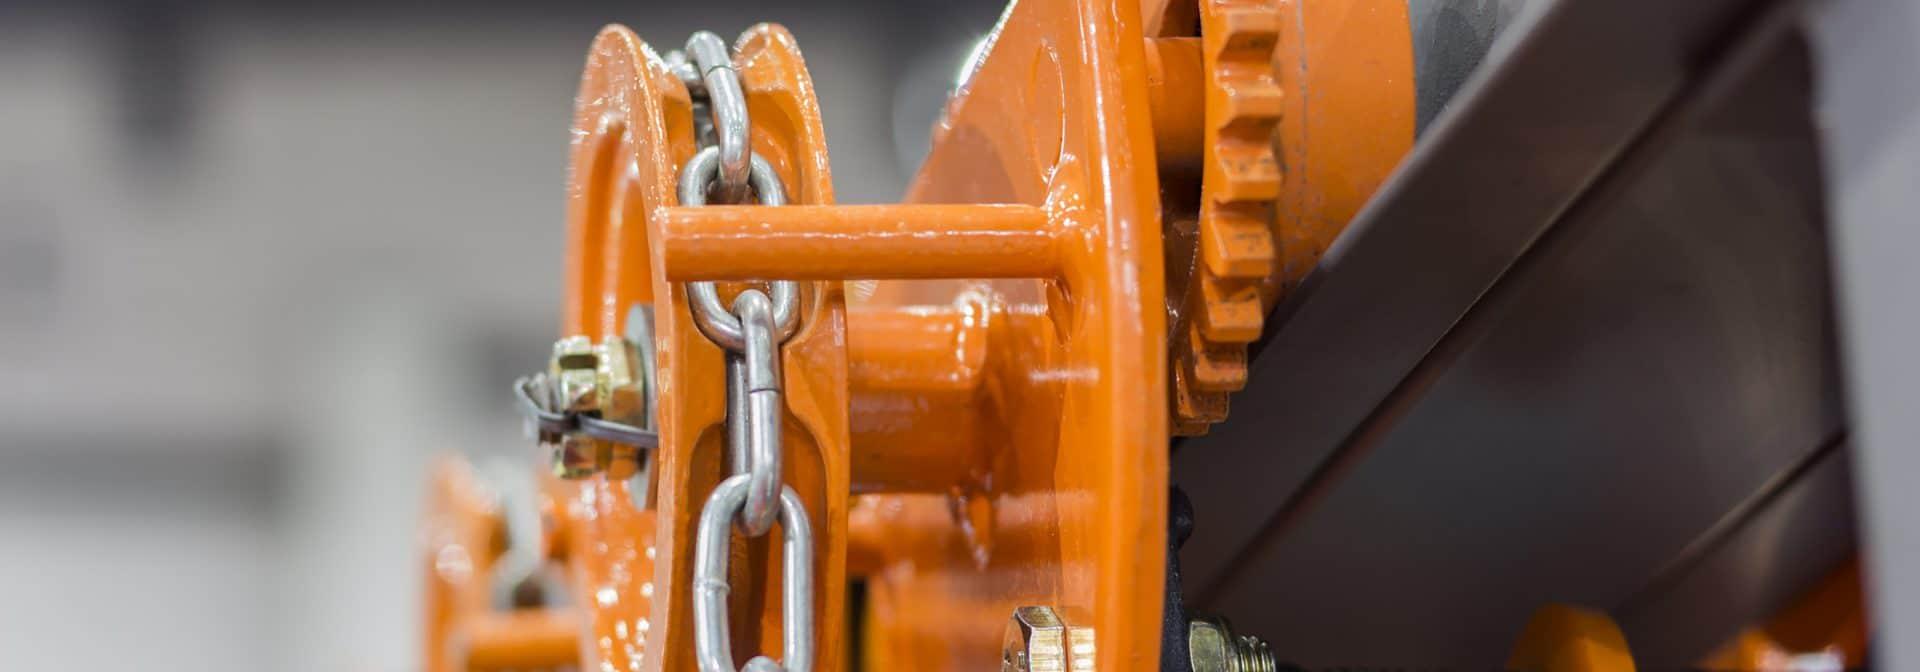 ELCEE | Industrial Steel Chains in orange hoists